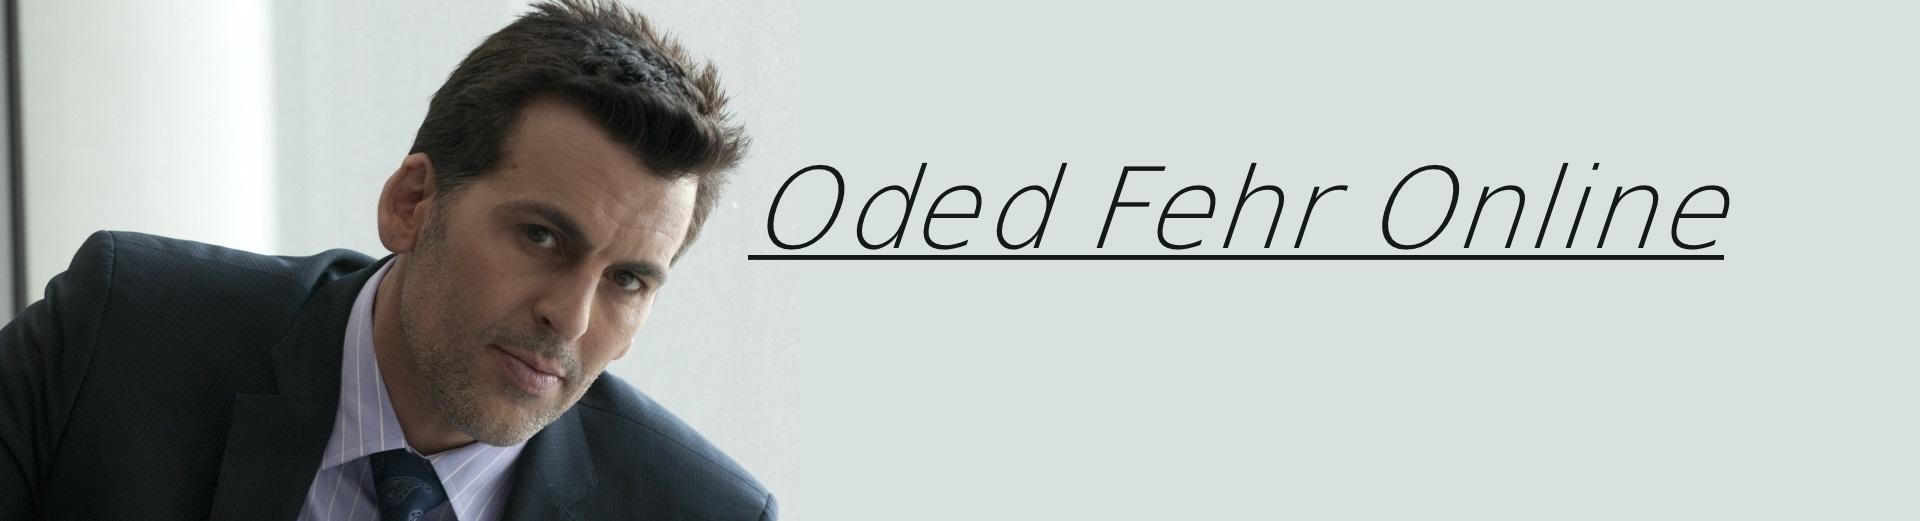 Oded Fehr Online Forum